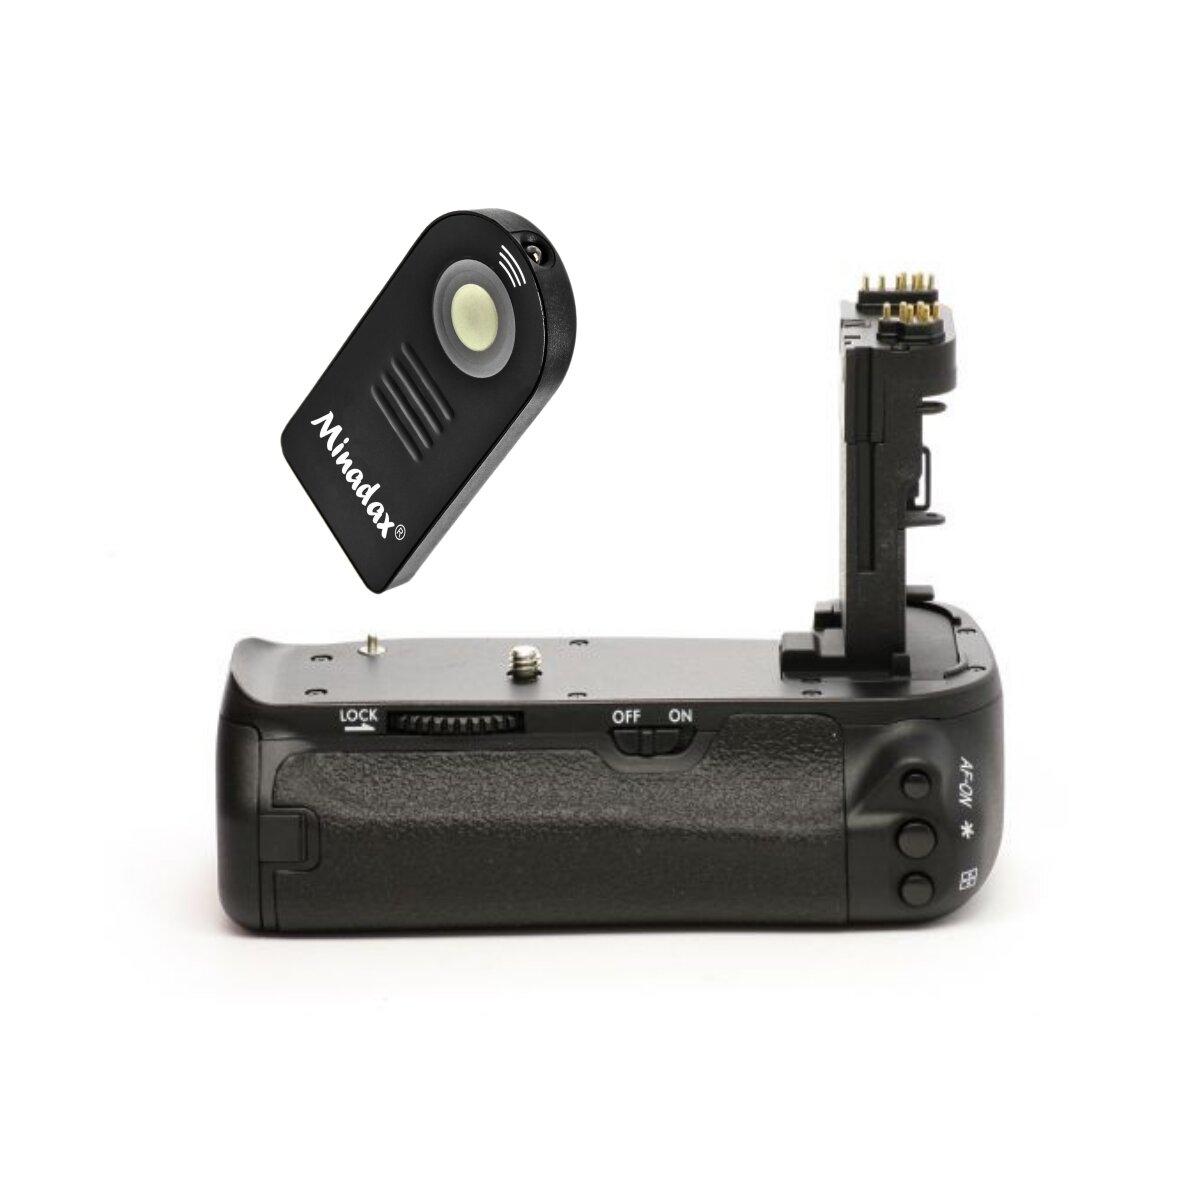 Profi Batteriegriff kompatibel mit Canon EOS 6D Ersatz für BG-E13 - für 2x LP-E6 und 6x AA Batterien + 1x Infrarot Fernbedienung!